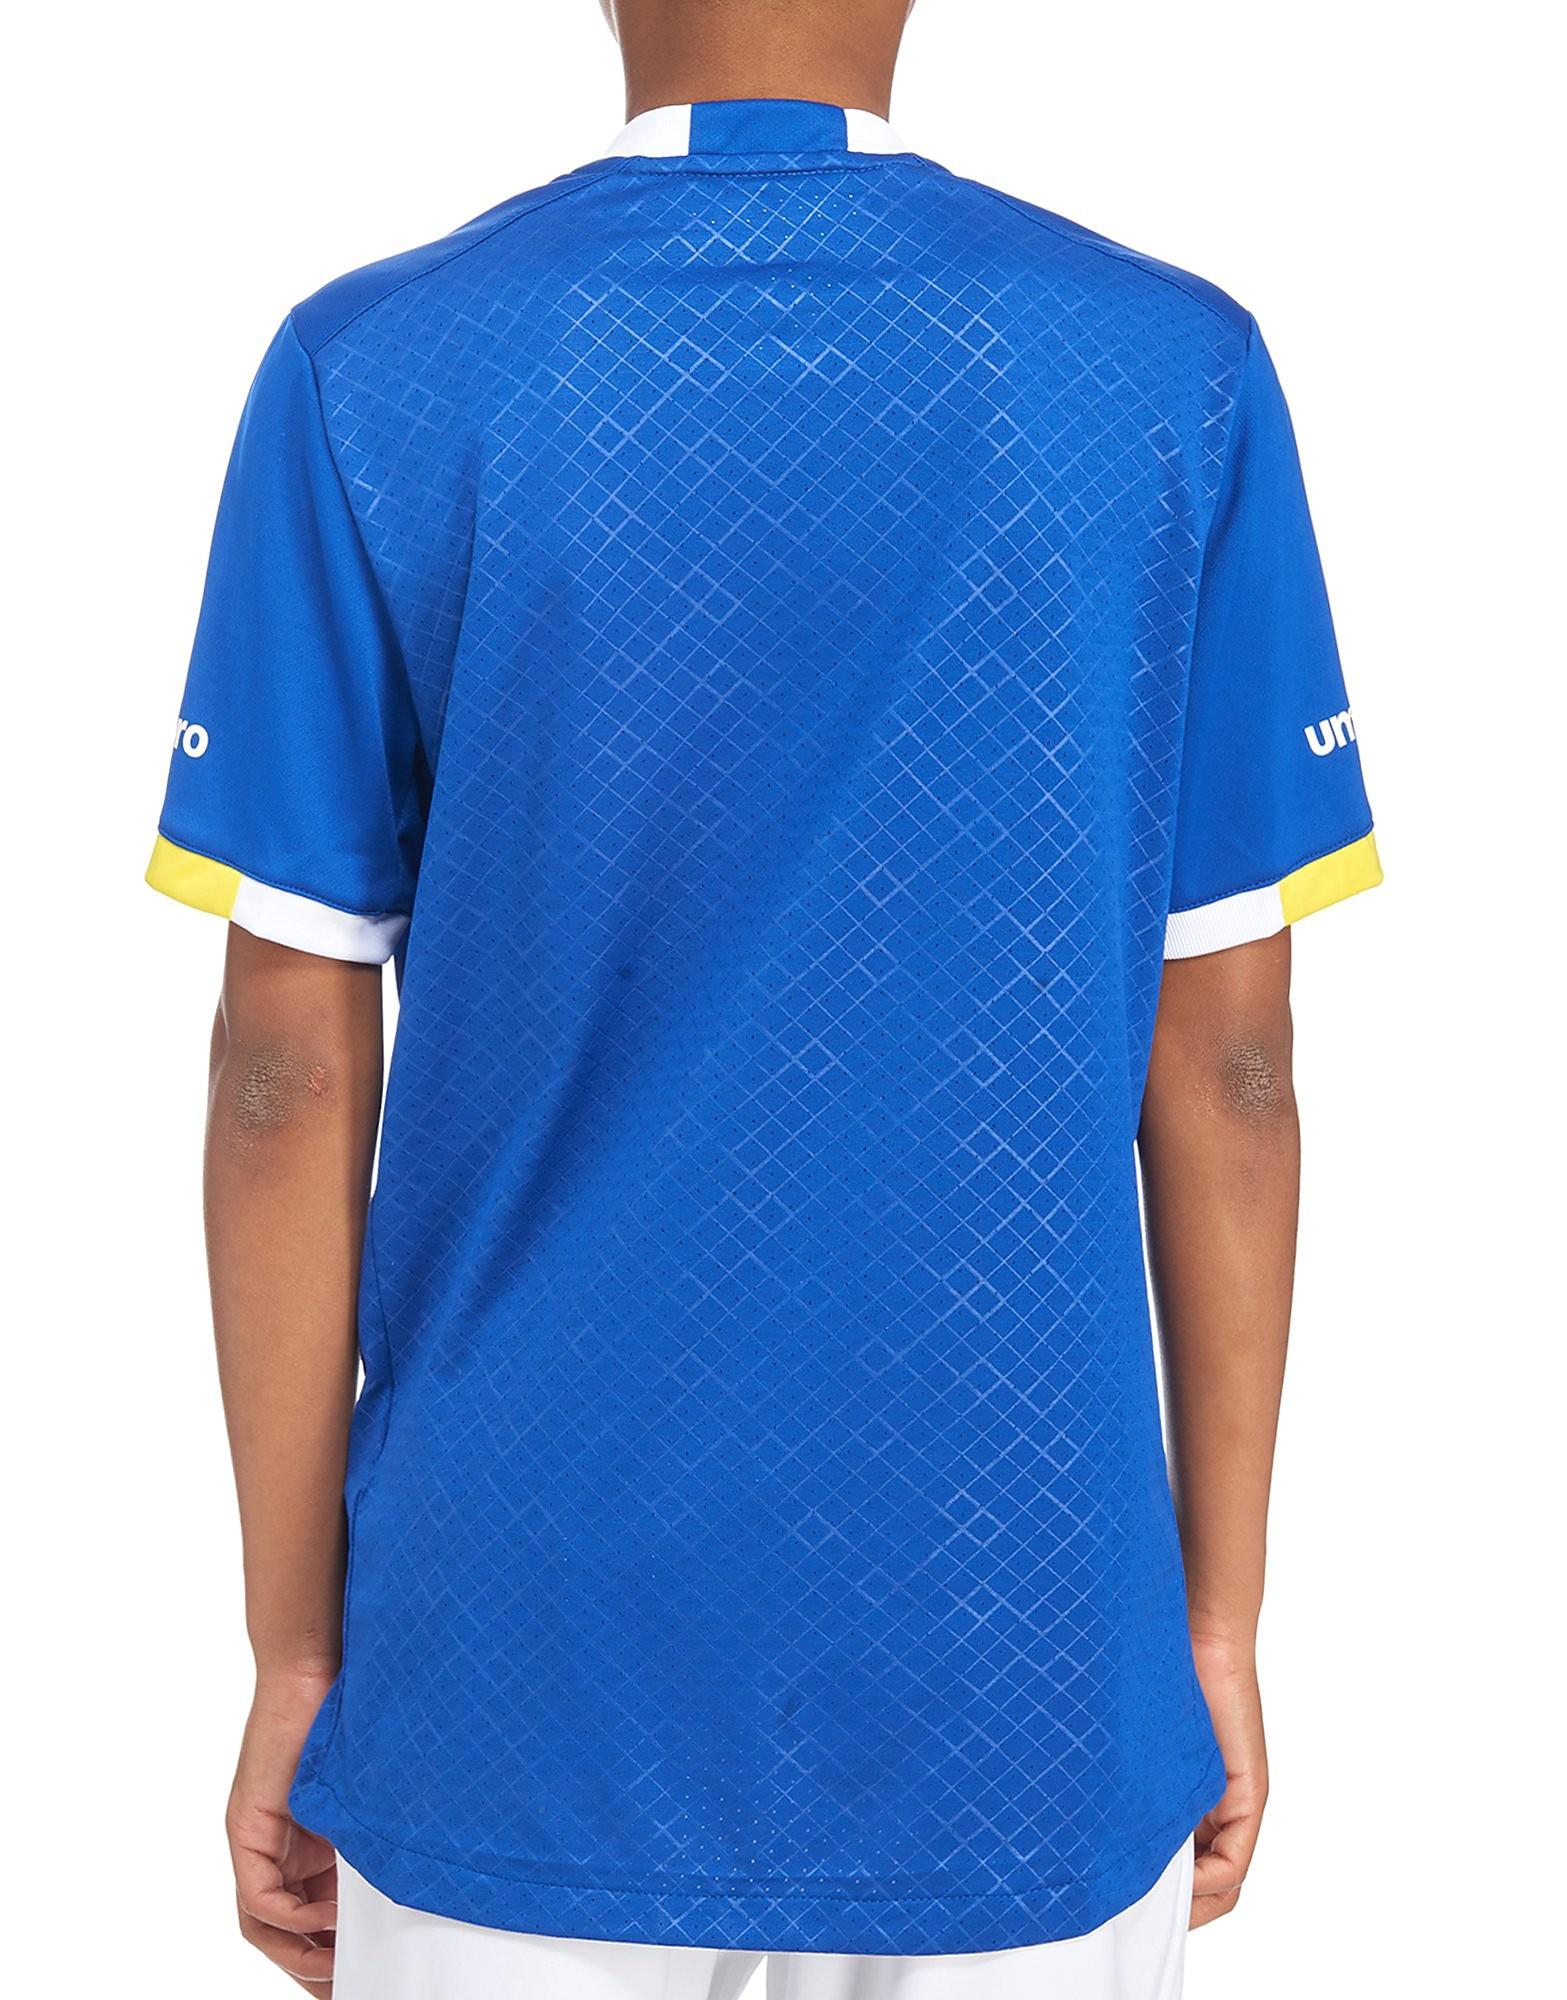 Umbro Everton FC 2016/17 Home Shirt Junior